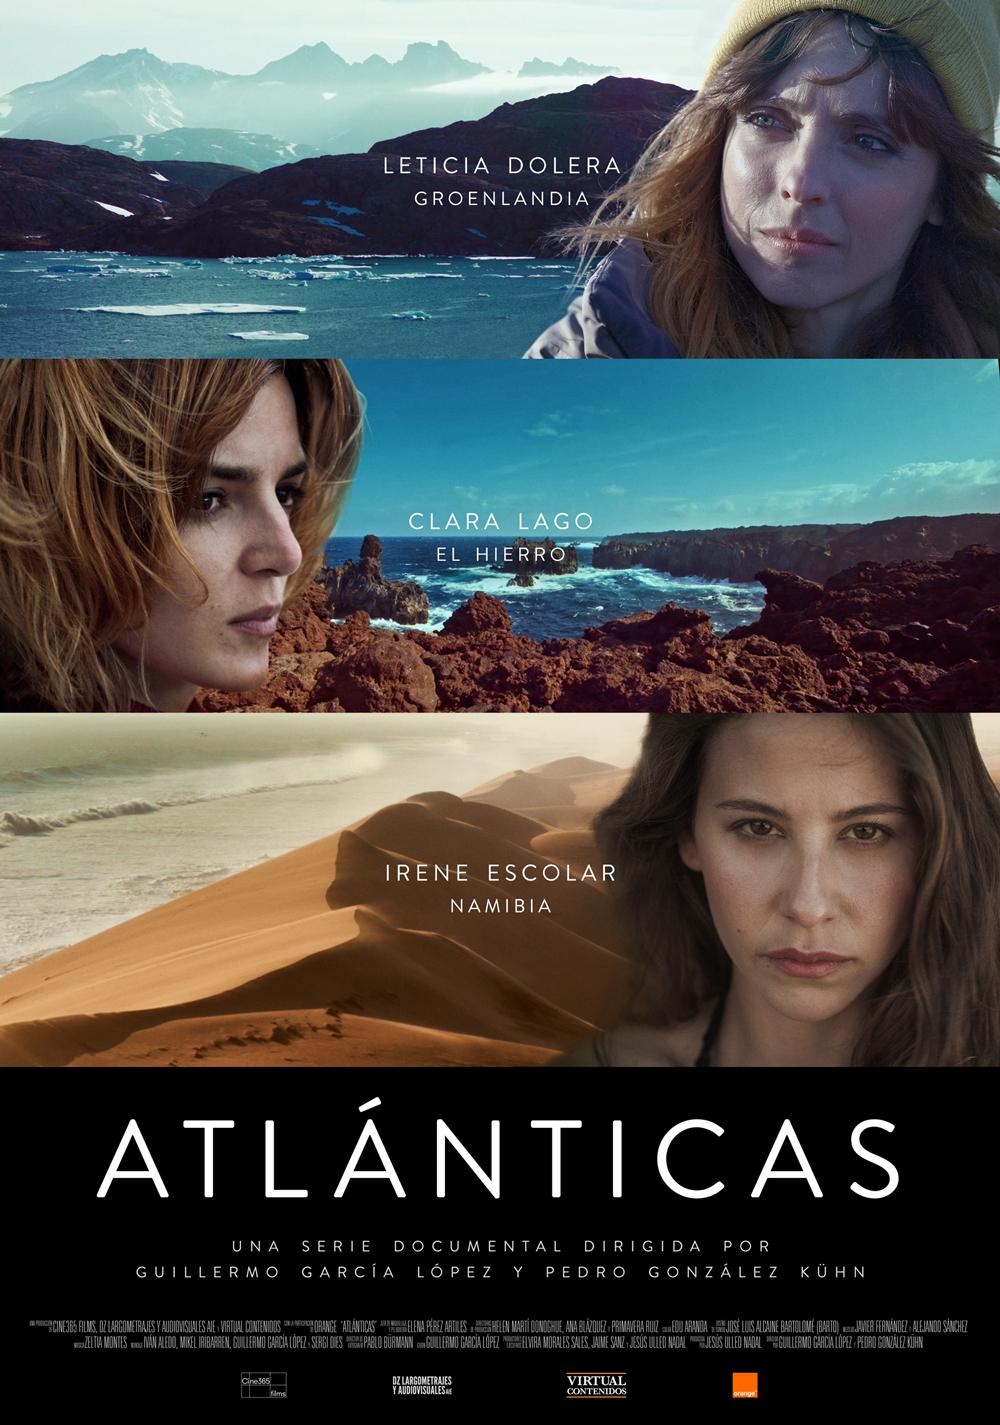 Resultado de imagen de atlanticas serie documental